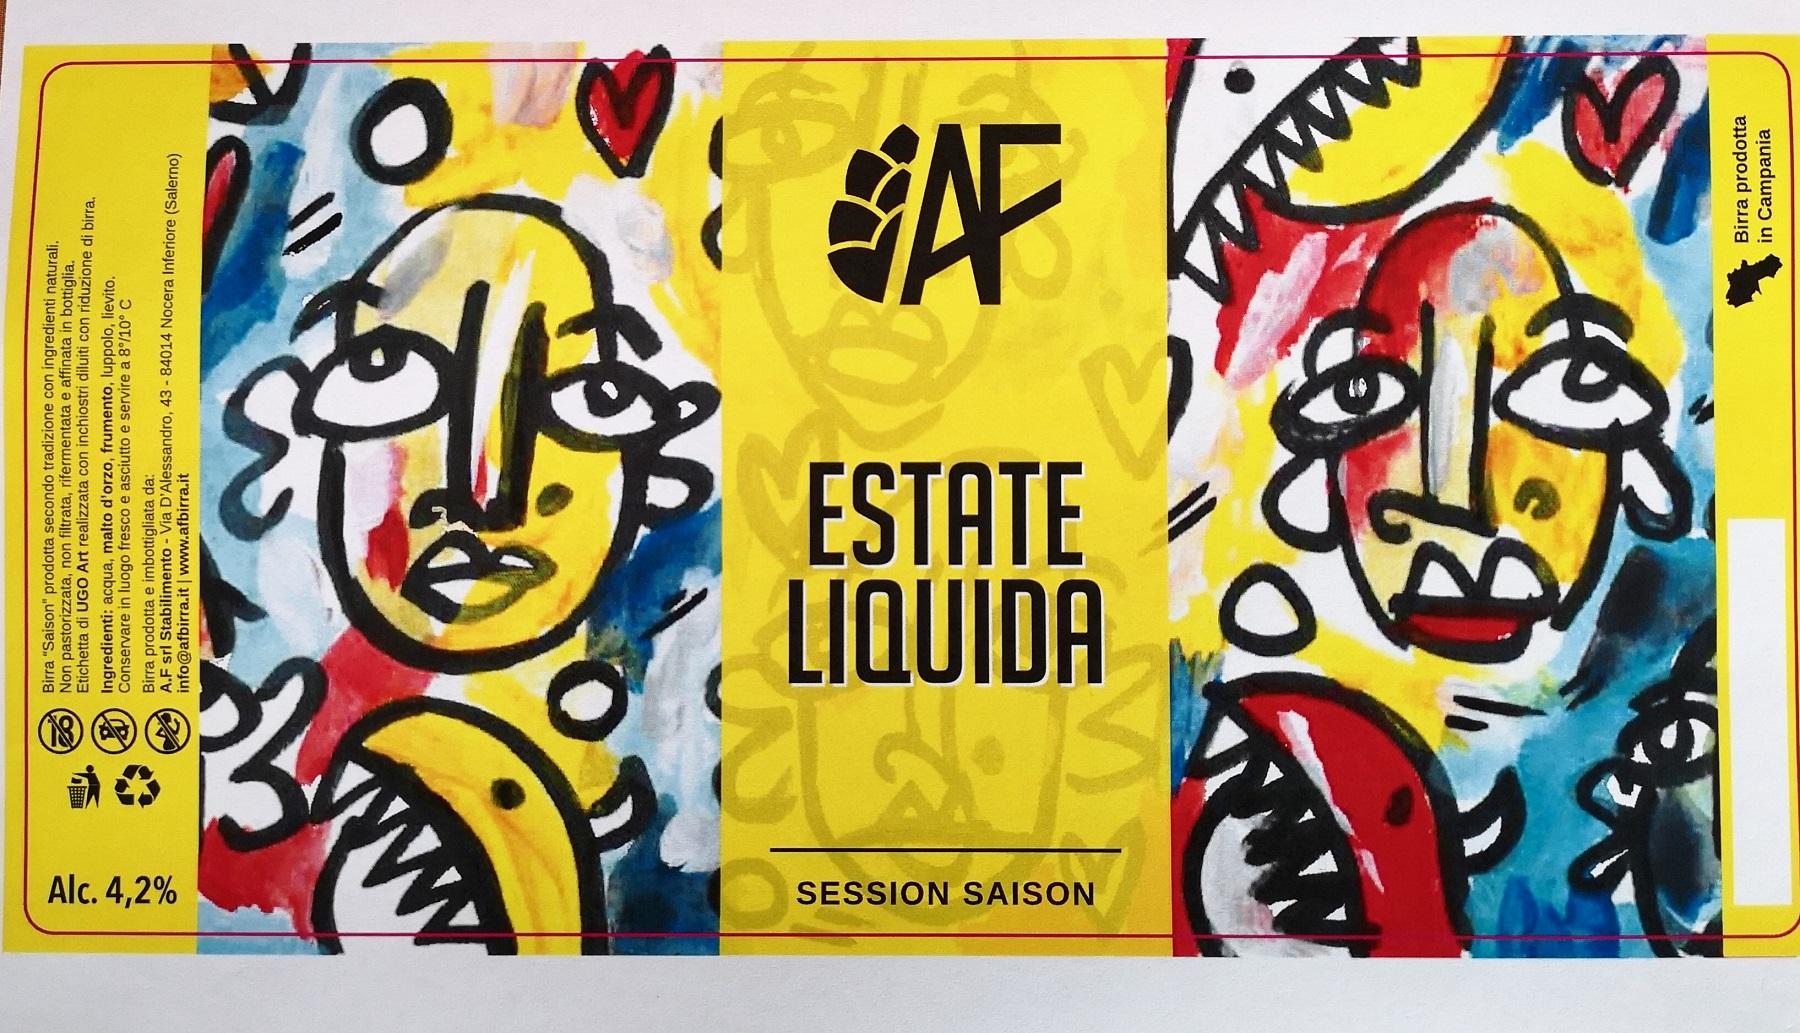 Birra Aeffe, la nuova etichetta per un'estate liquida